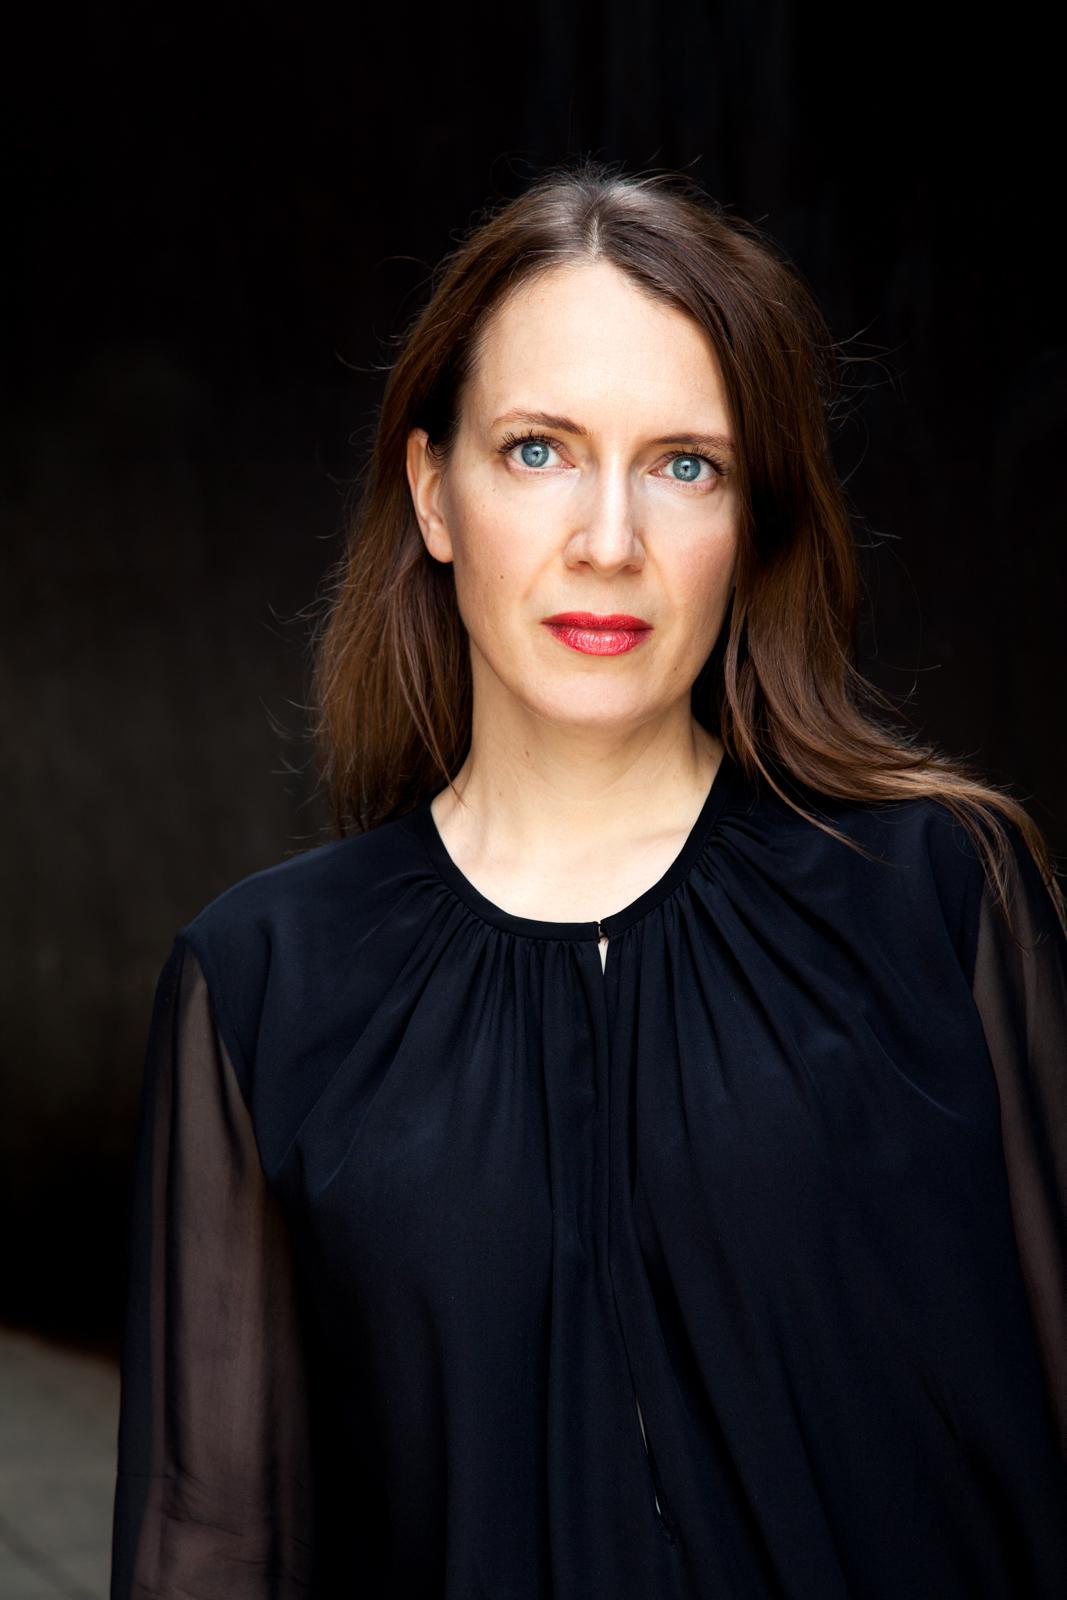 Heike Clara Gneiting